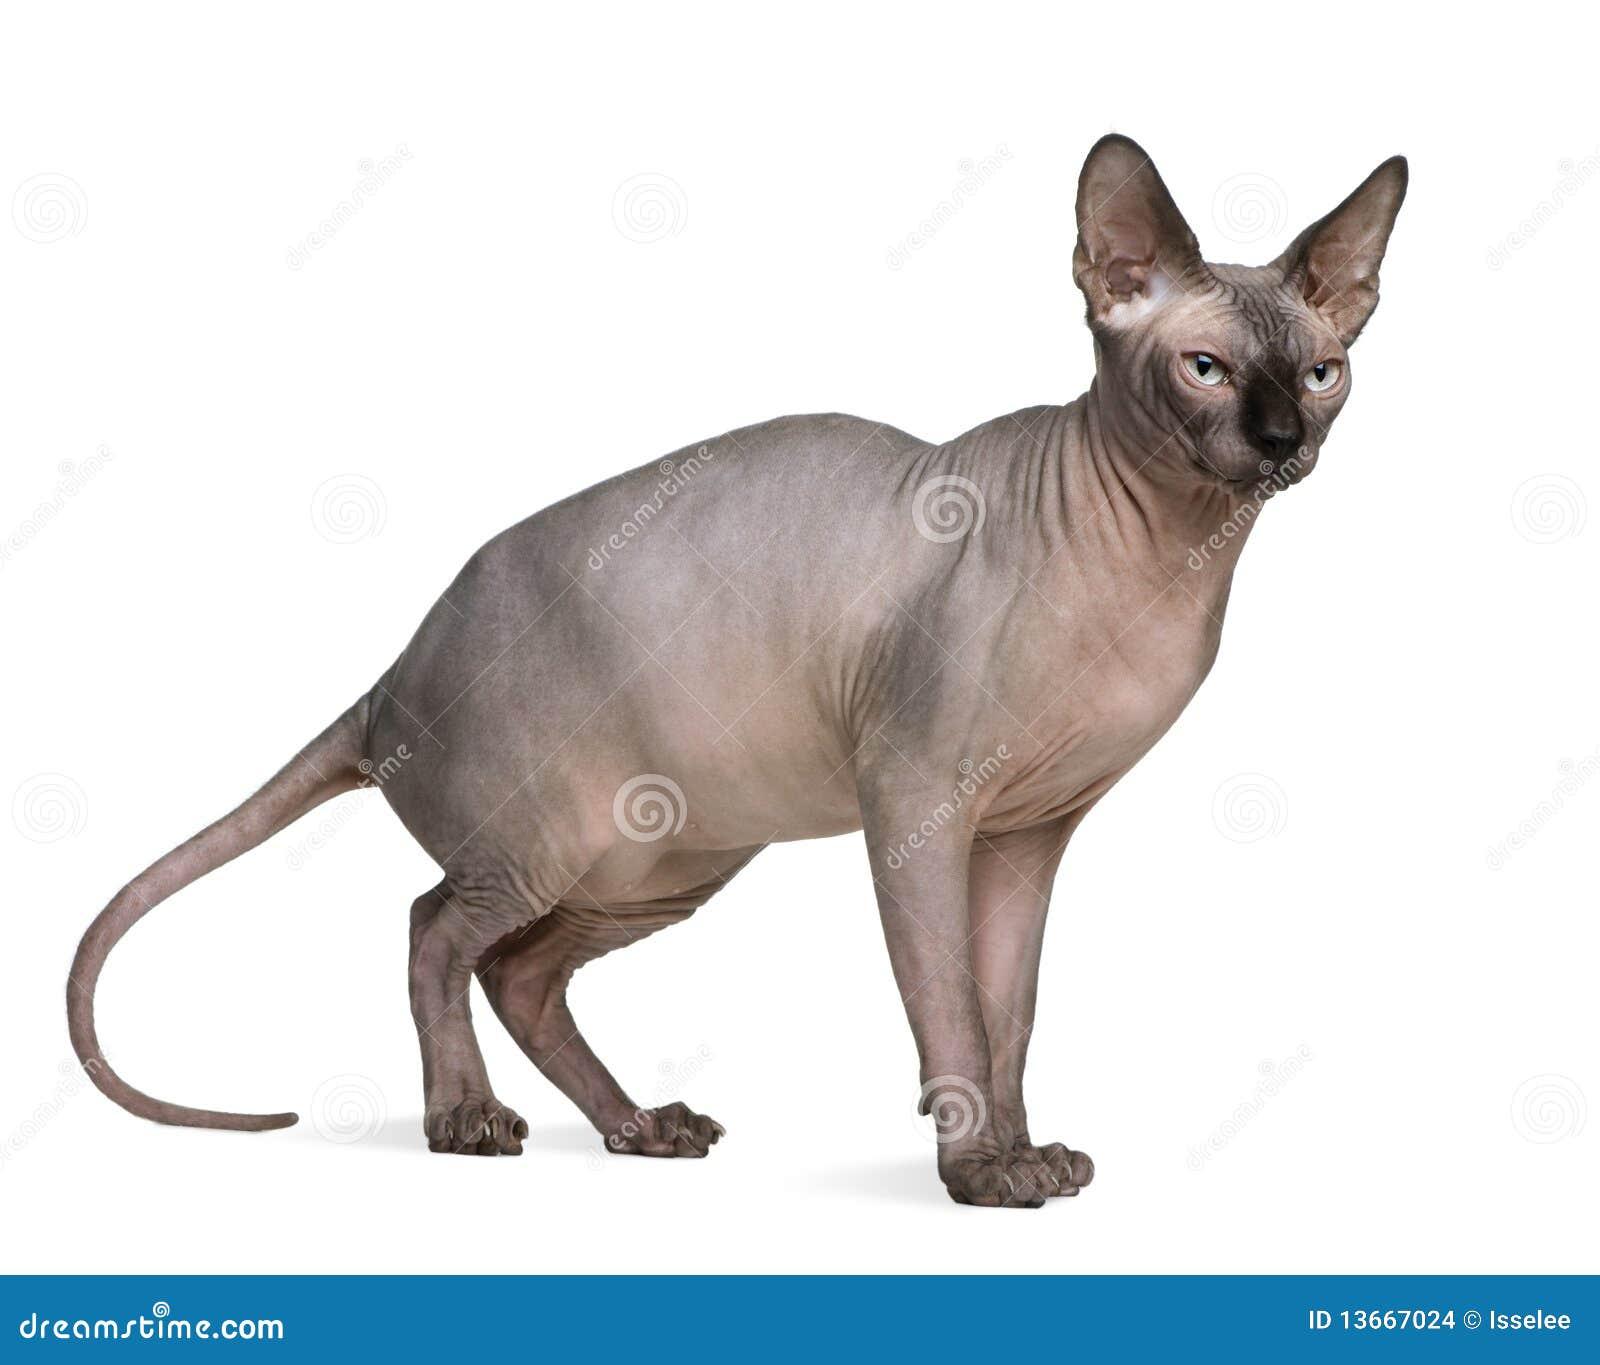 emory cat board